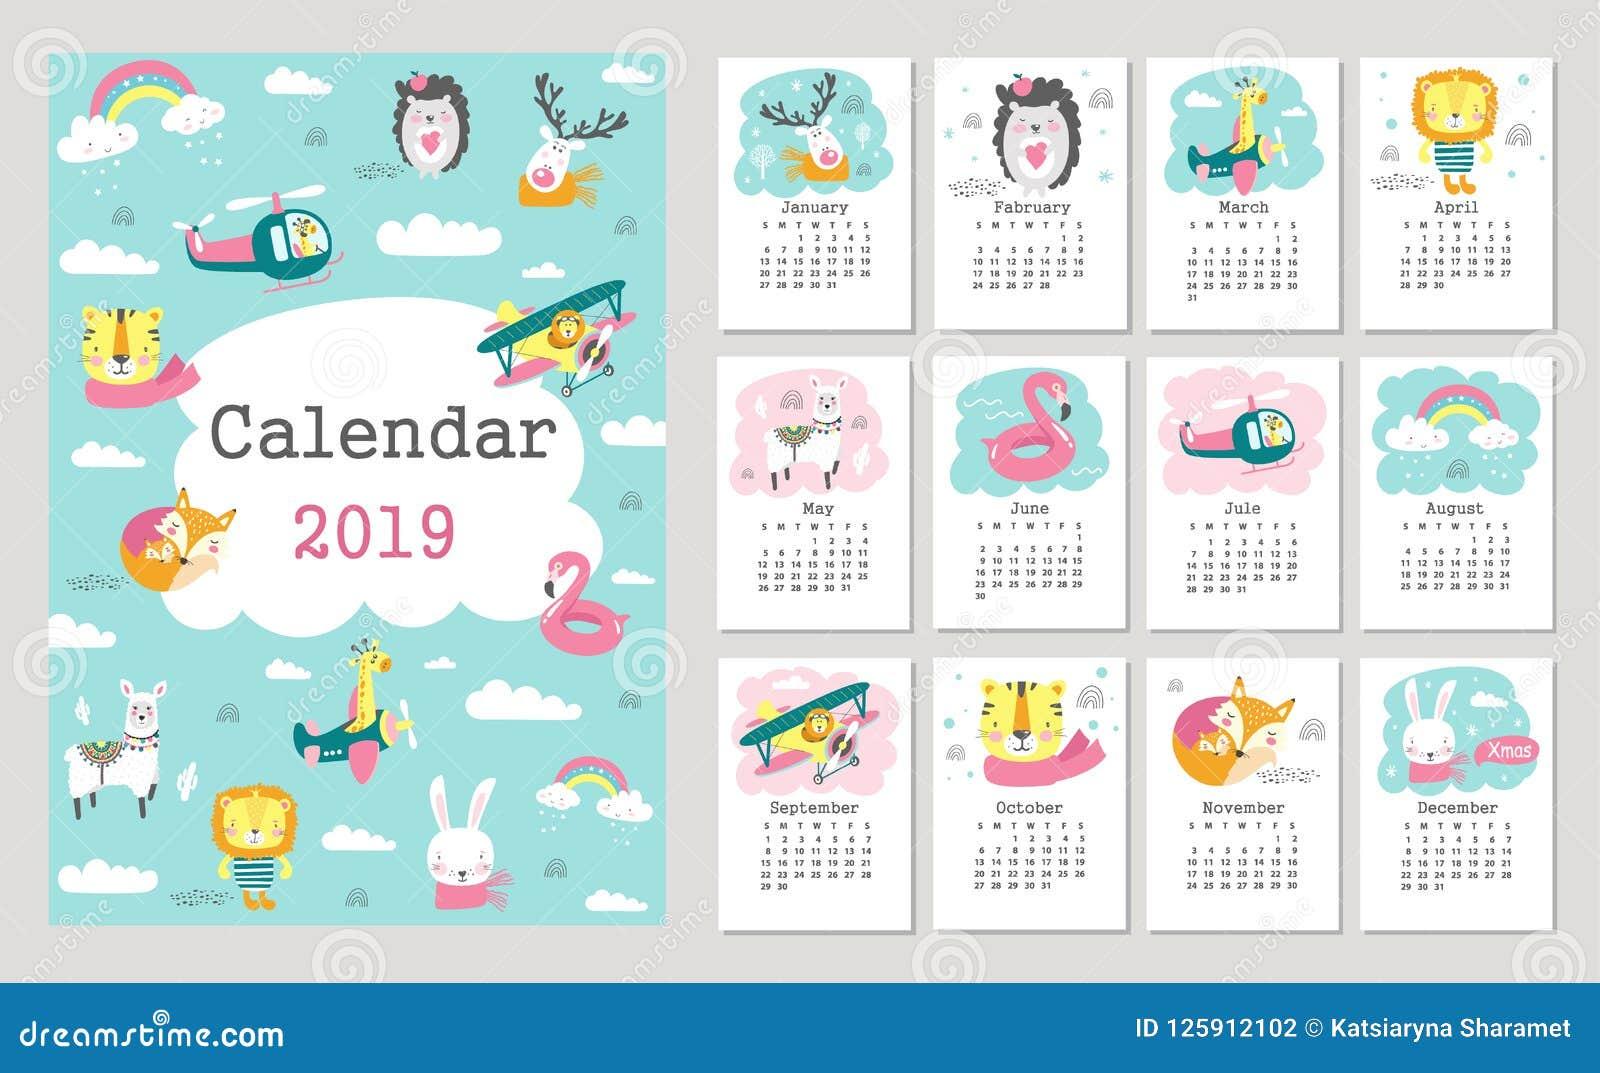 Calendario Bosque Magico 2019.Calendario 2019 Con Los Animales Lindos Del Bosque Vector